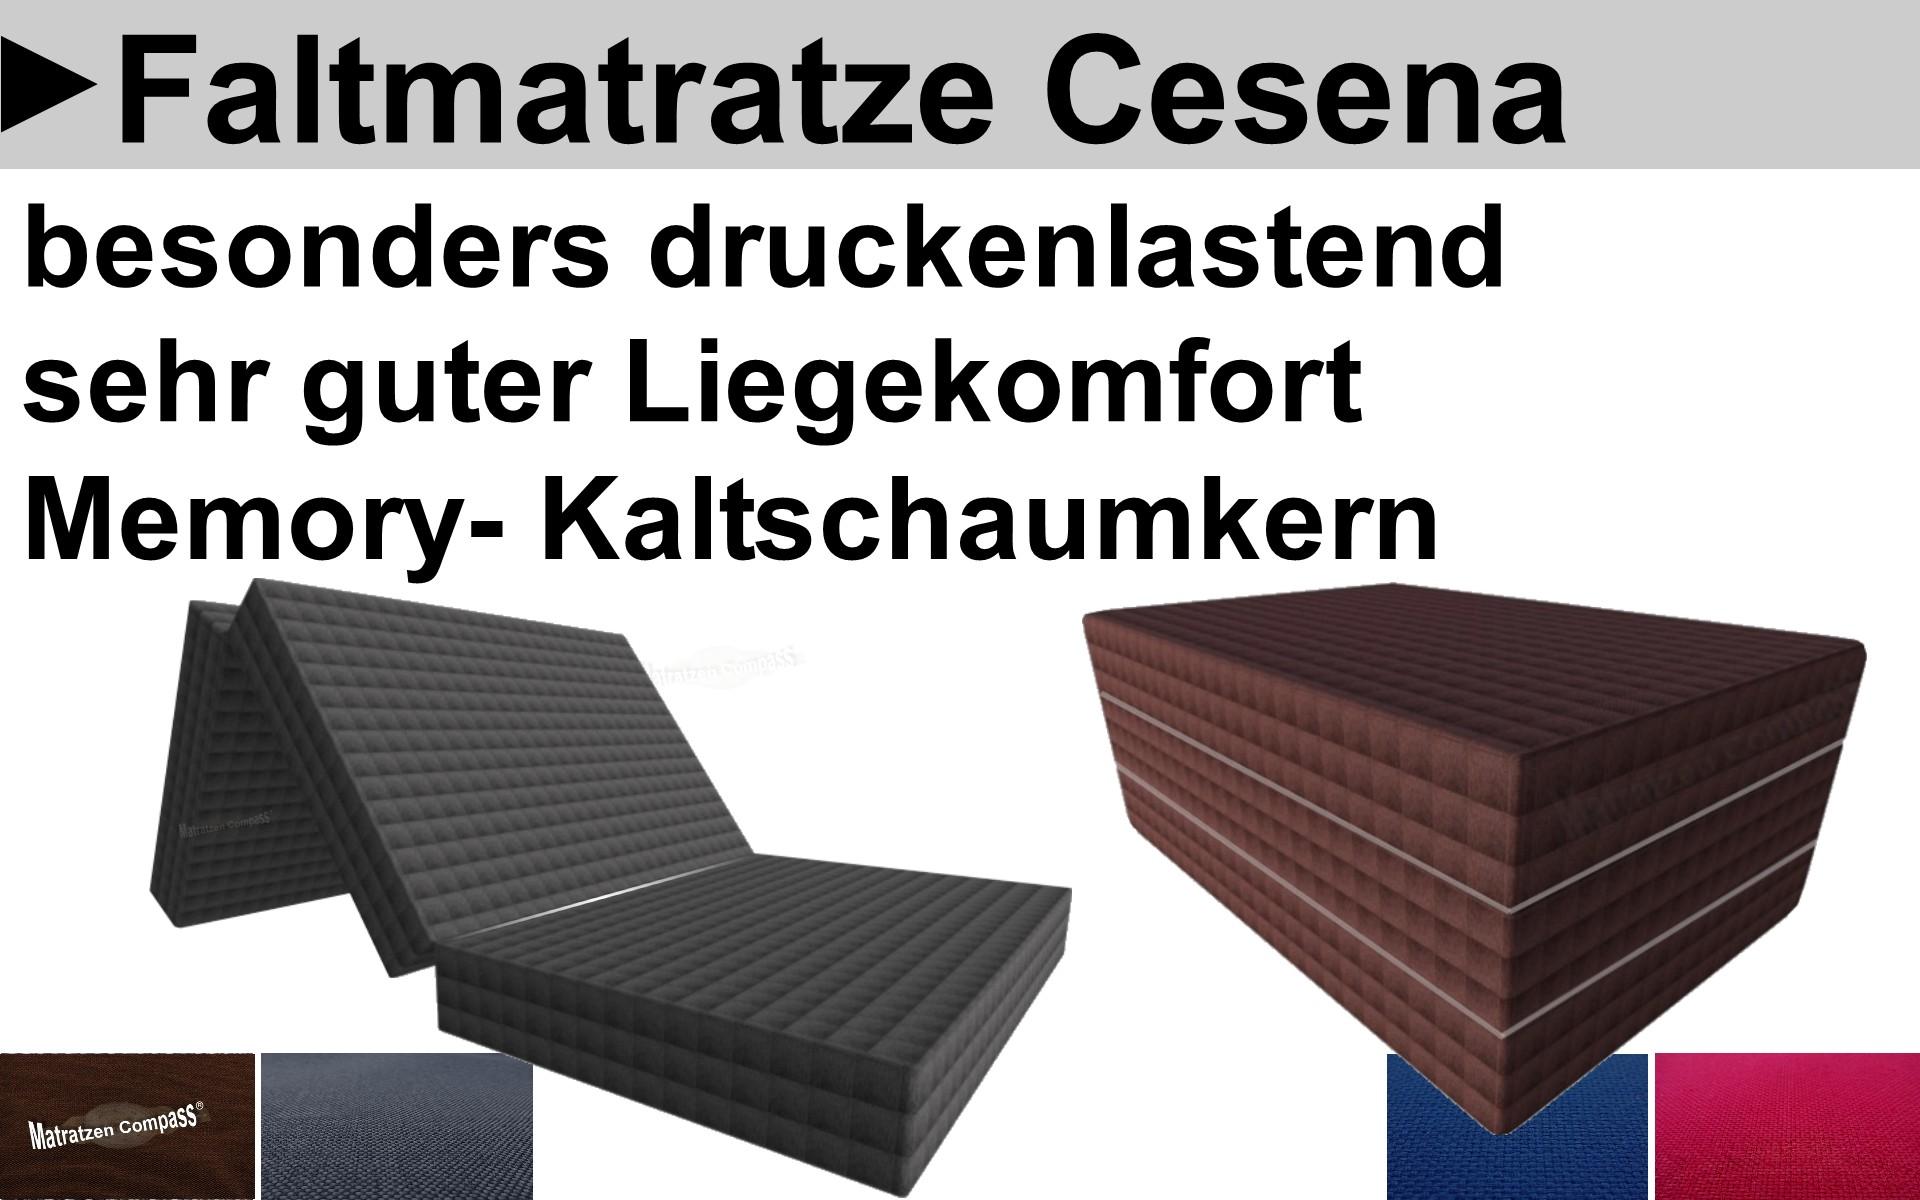 Faltmatratzen-Cesena_Kategorie-Luxusfaltmatratzen_Luxusklappmatratzen_beste-luxus-Faltmatratzen_gute-Faltnatratzen_Faltmatratzen-guter-Liegekomfort_bequeme-Faltmatratzen_gute-stabi